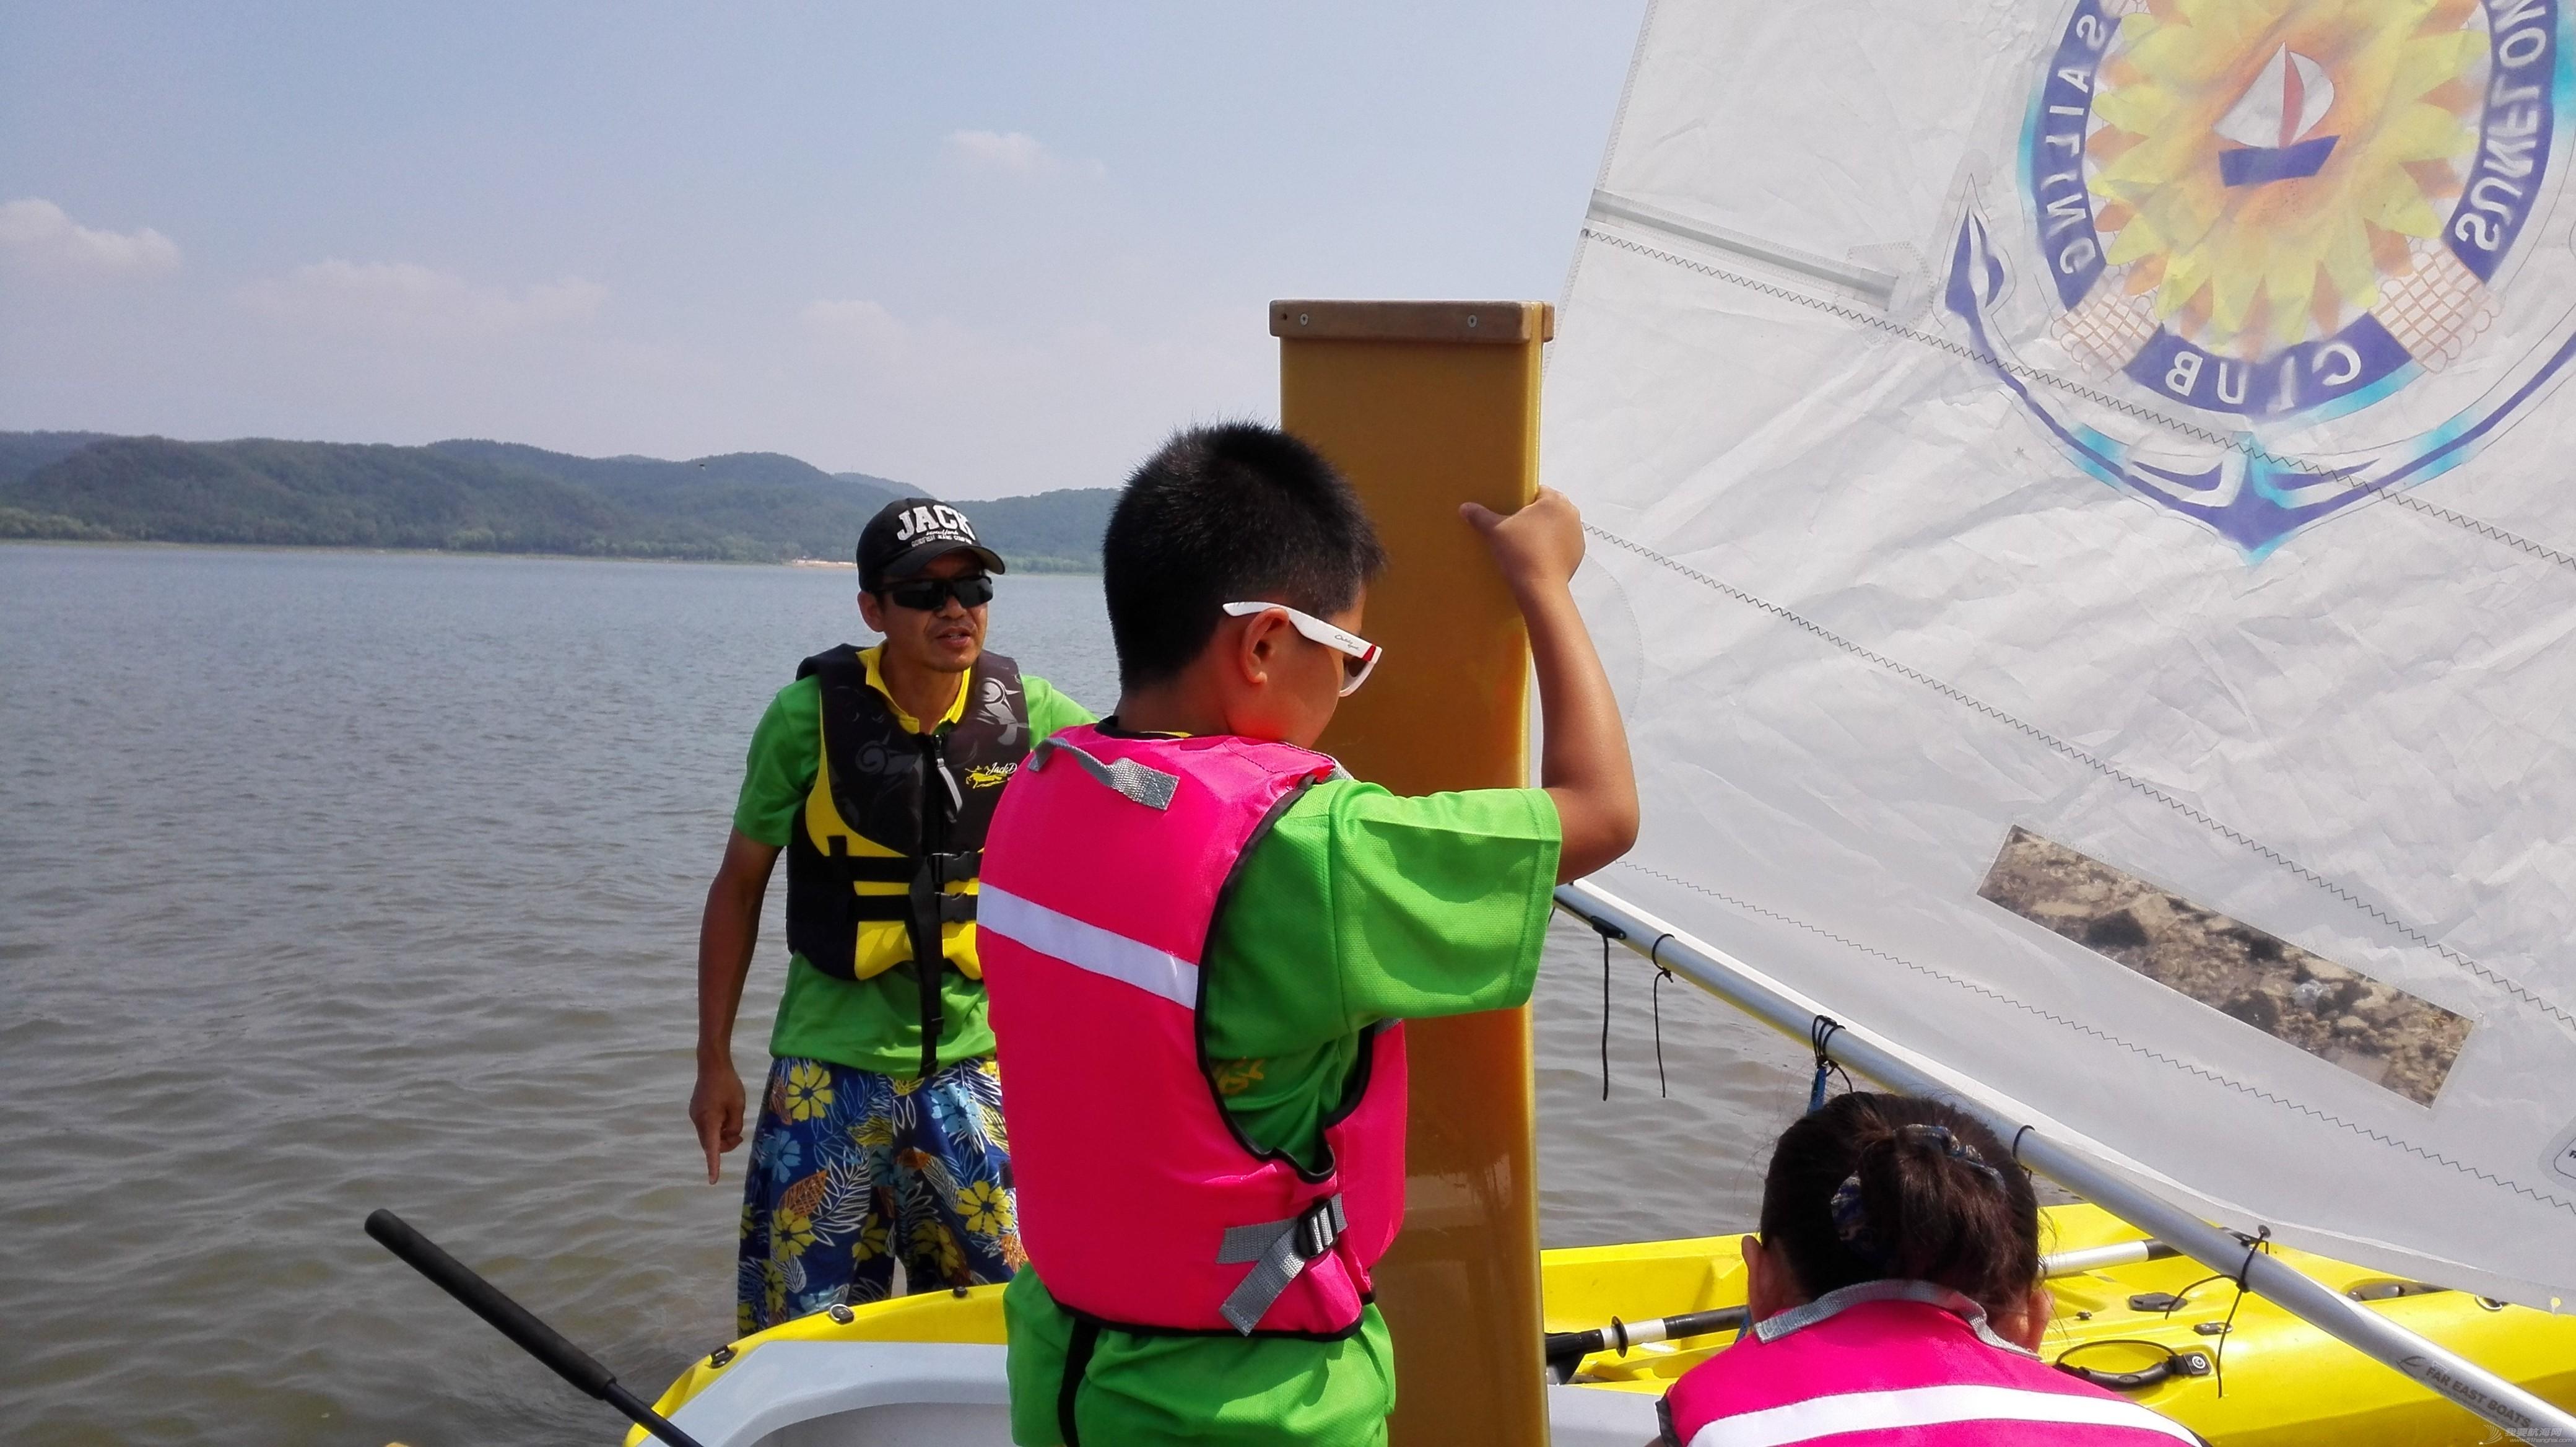 向日葵,帆船 向日葵帆船 microMsg.1437186094563.jpg